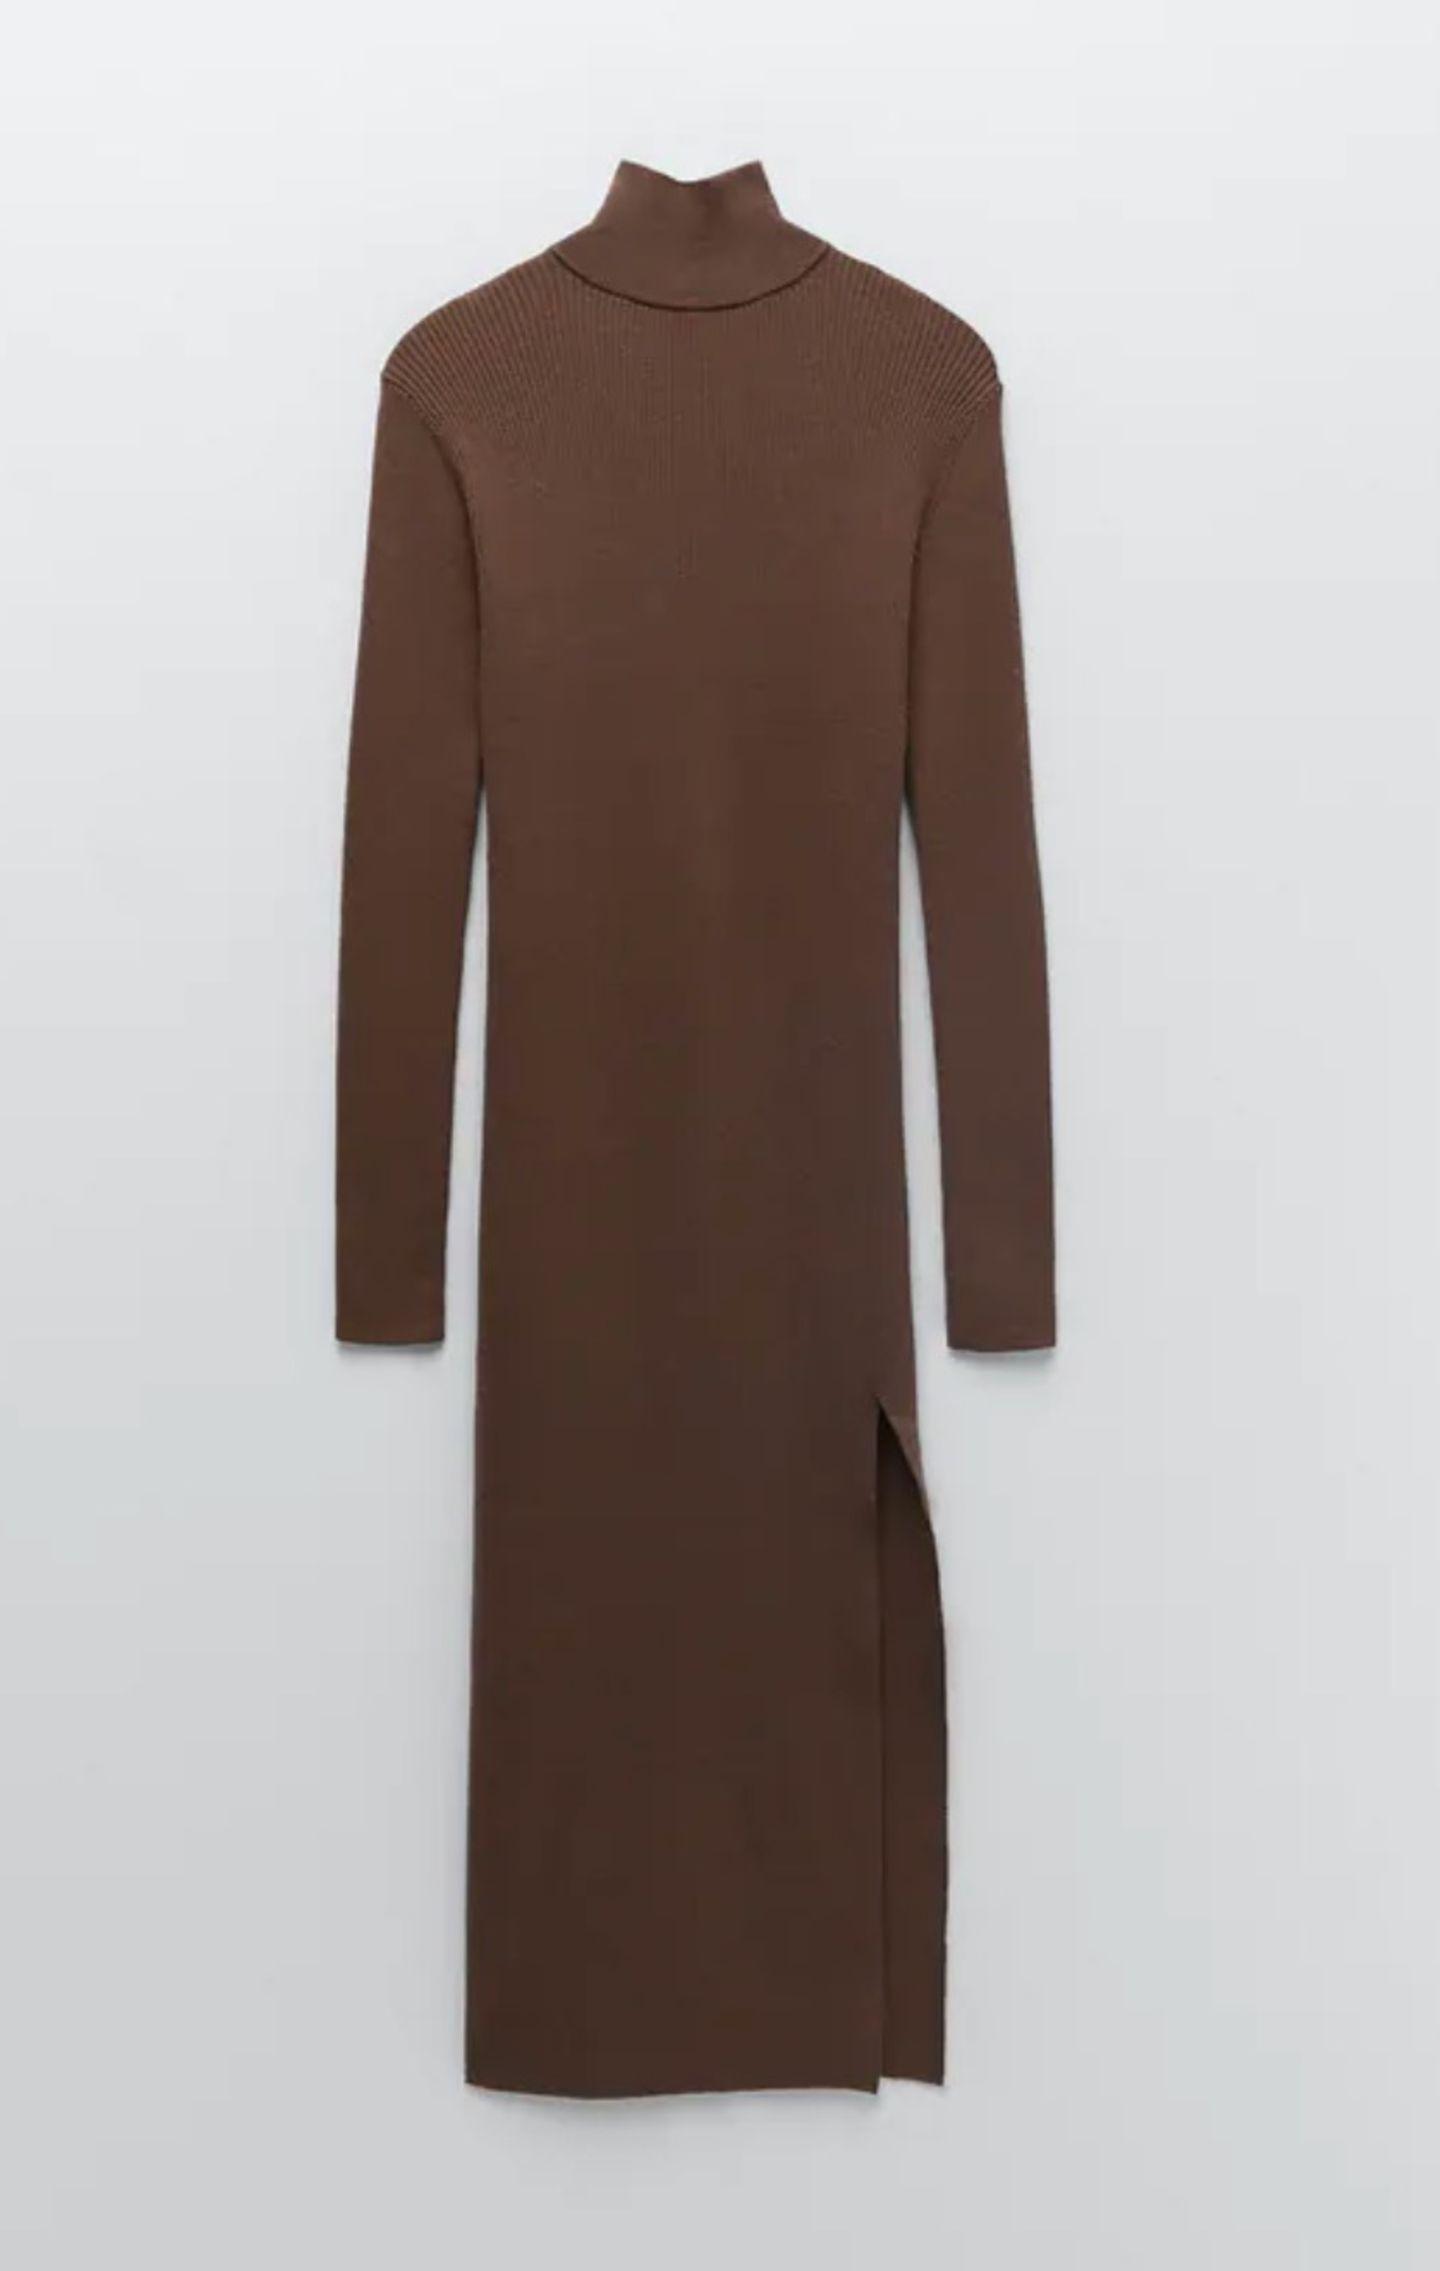 Strickkleider können auch sexy – hier ist der Beweis. Das schlammbraune Dress liegt super eng an und hat einen Schlitz bis zur Mitte des Oberschenkels – hot! Von Zara, um 40 Euro.